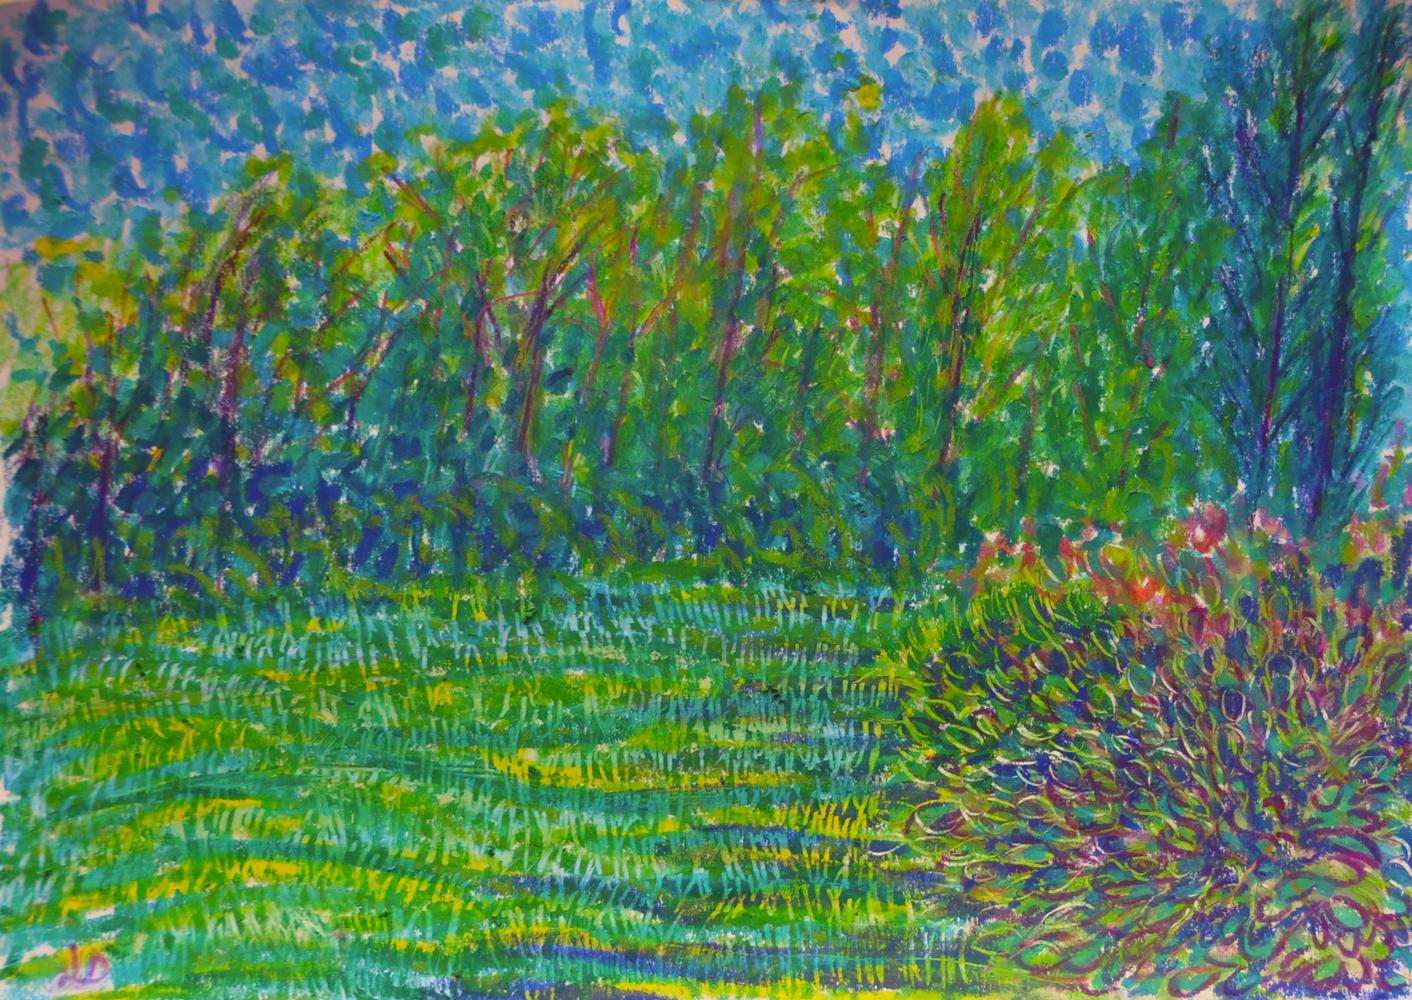 Le jardin, 3, Crest. Mixed media sur papier, 21x30, 2018